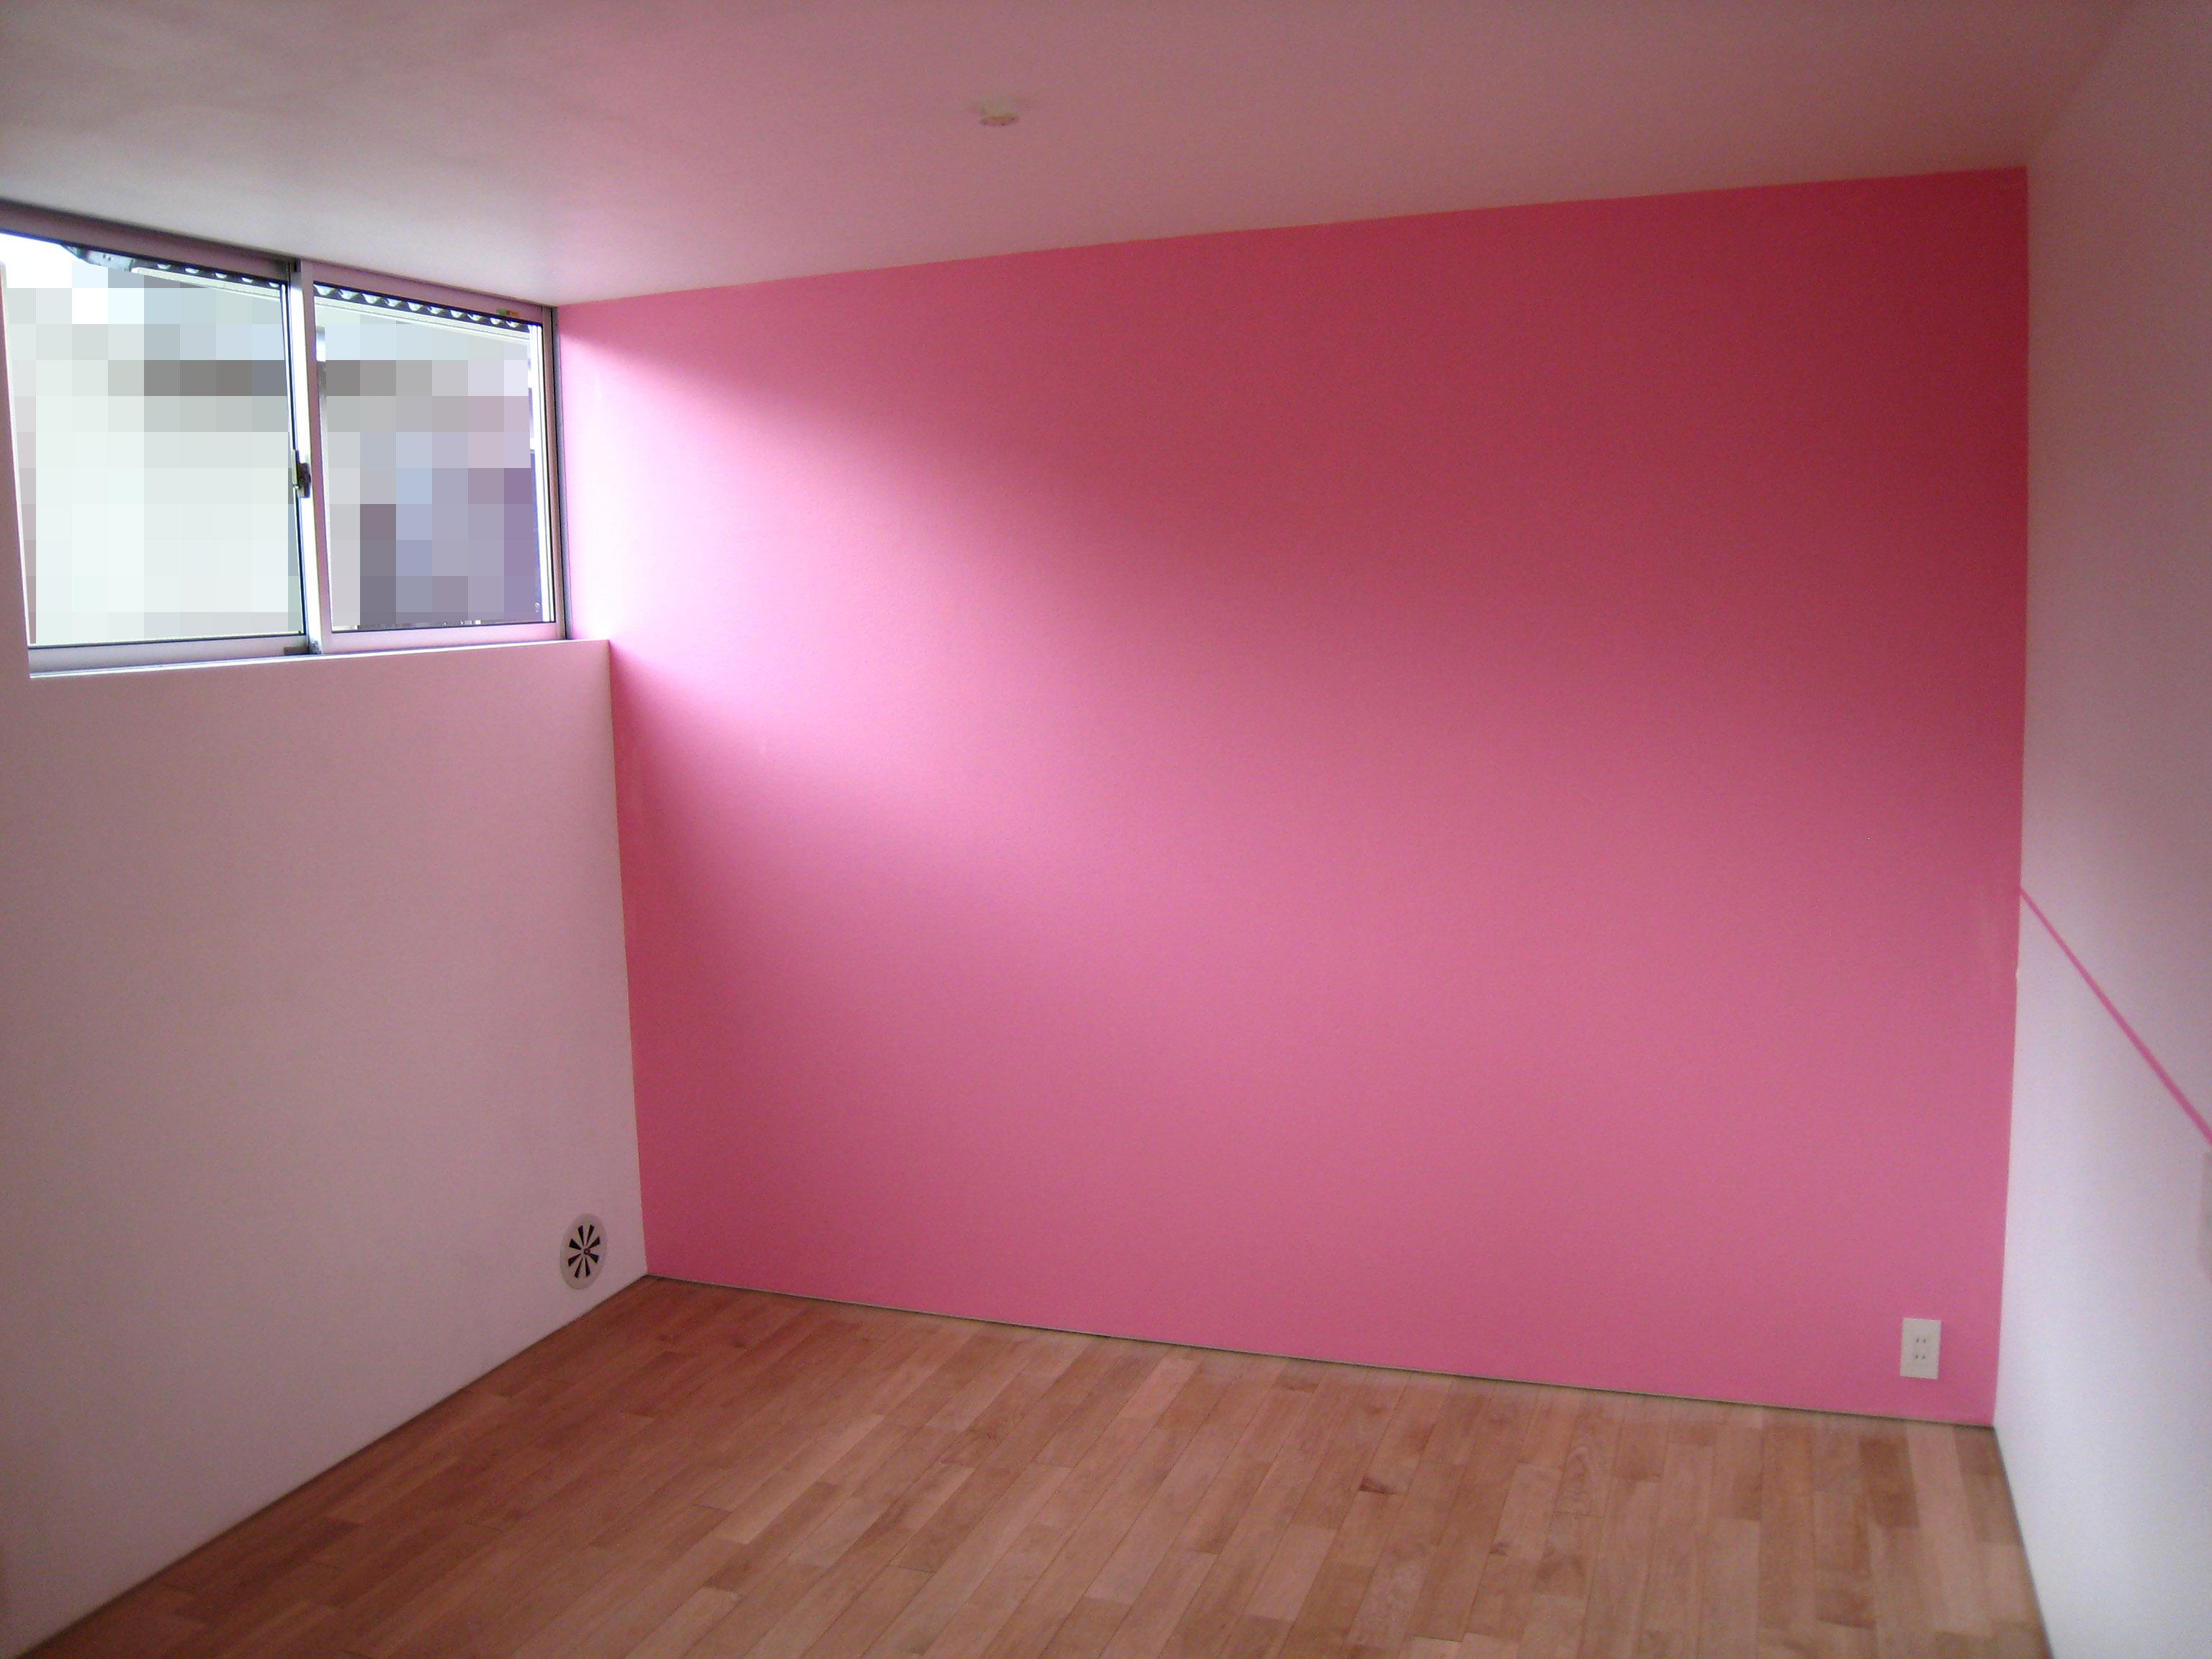 最も検索された 壁紙 ピンク 部屋 ベスト キャラクター 壁紙